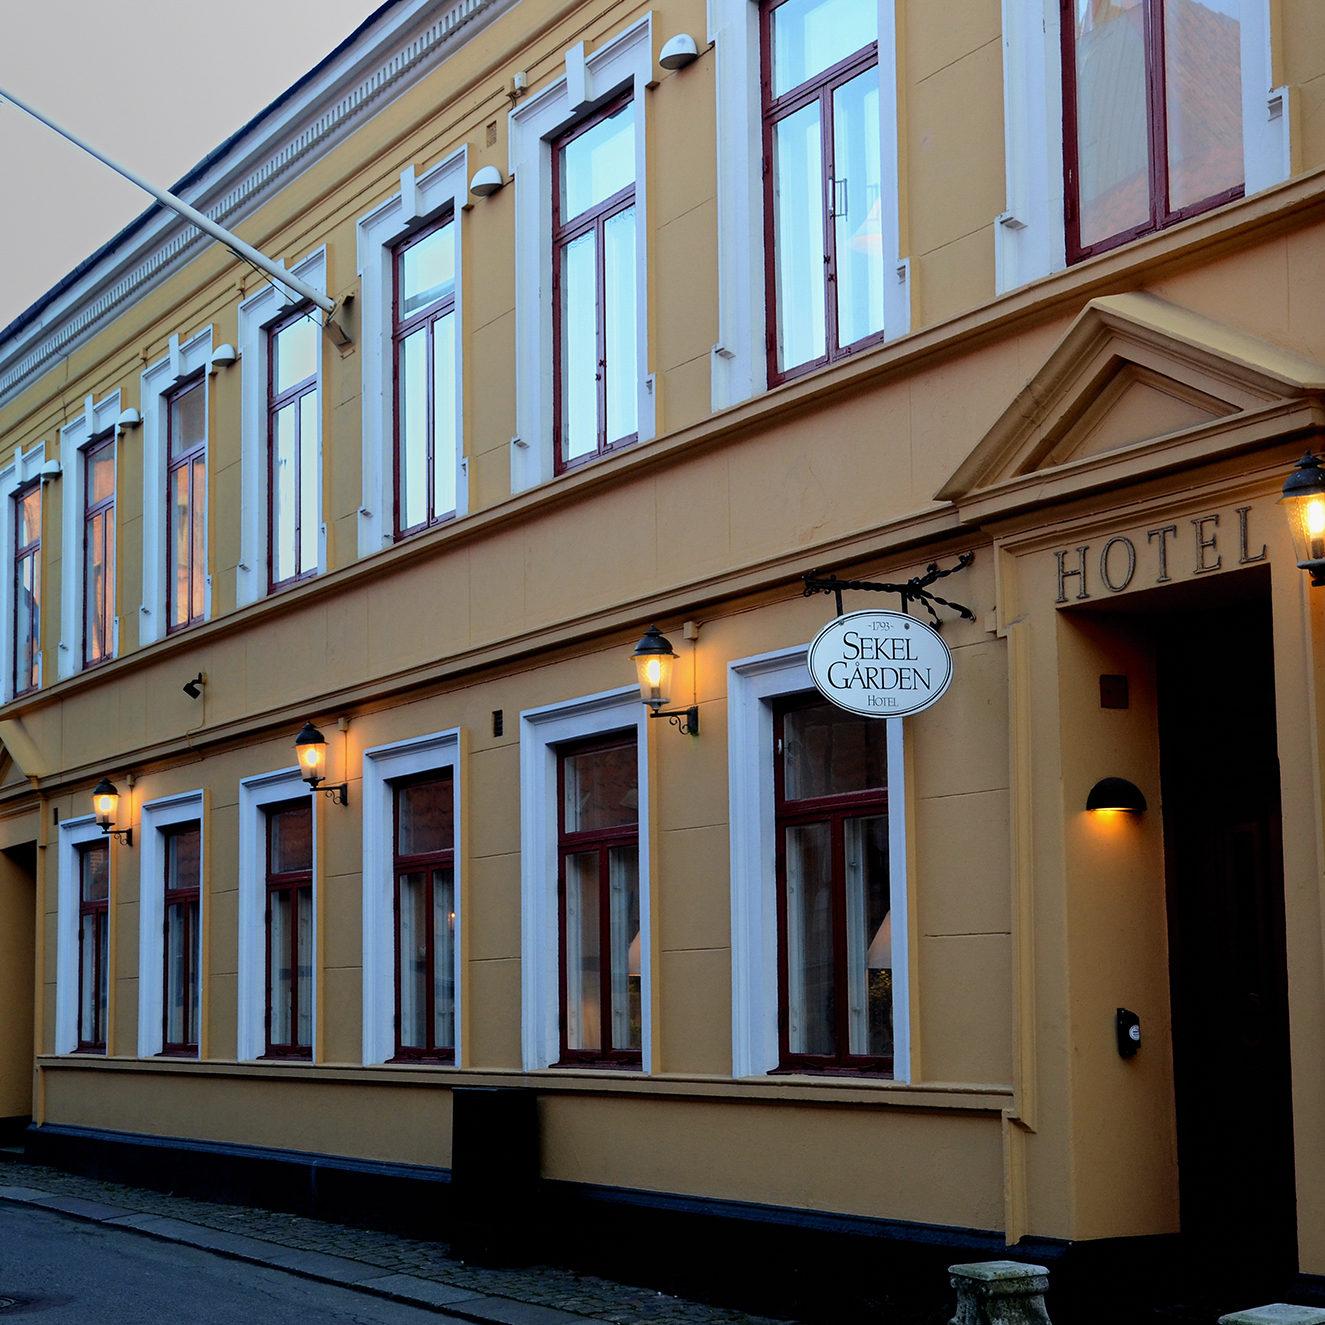 Hotell Sekelgården, Ystad